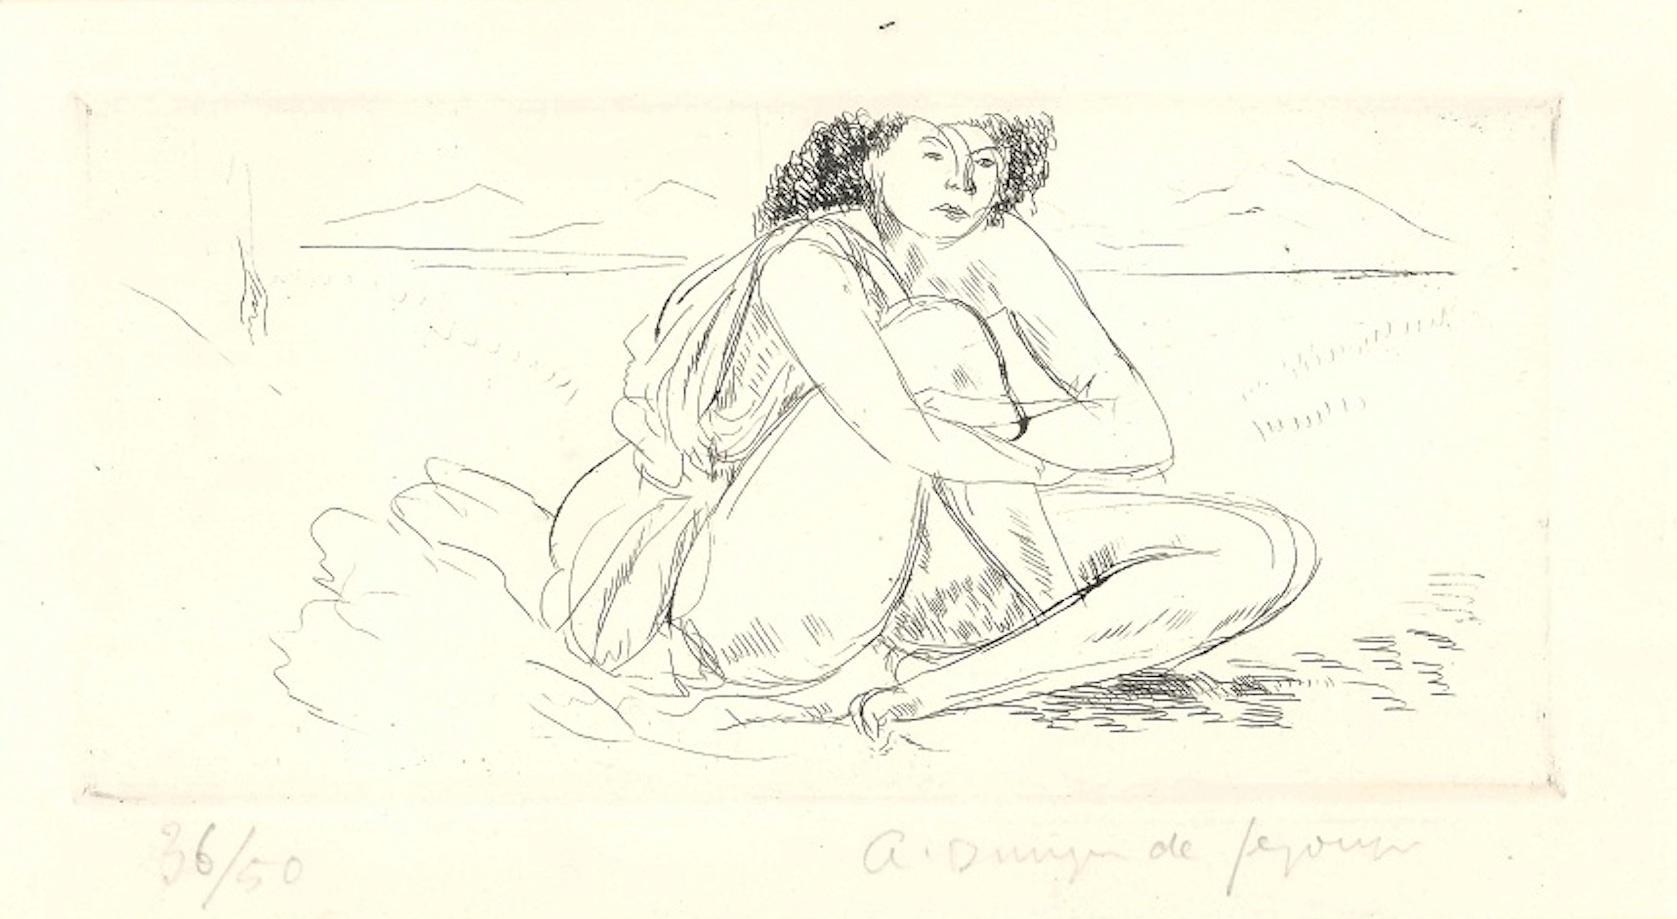 Nu Accroupi - Original Etching by Dunoyer de Segonzac - 1930